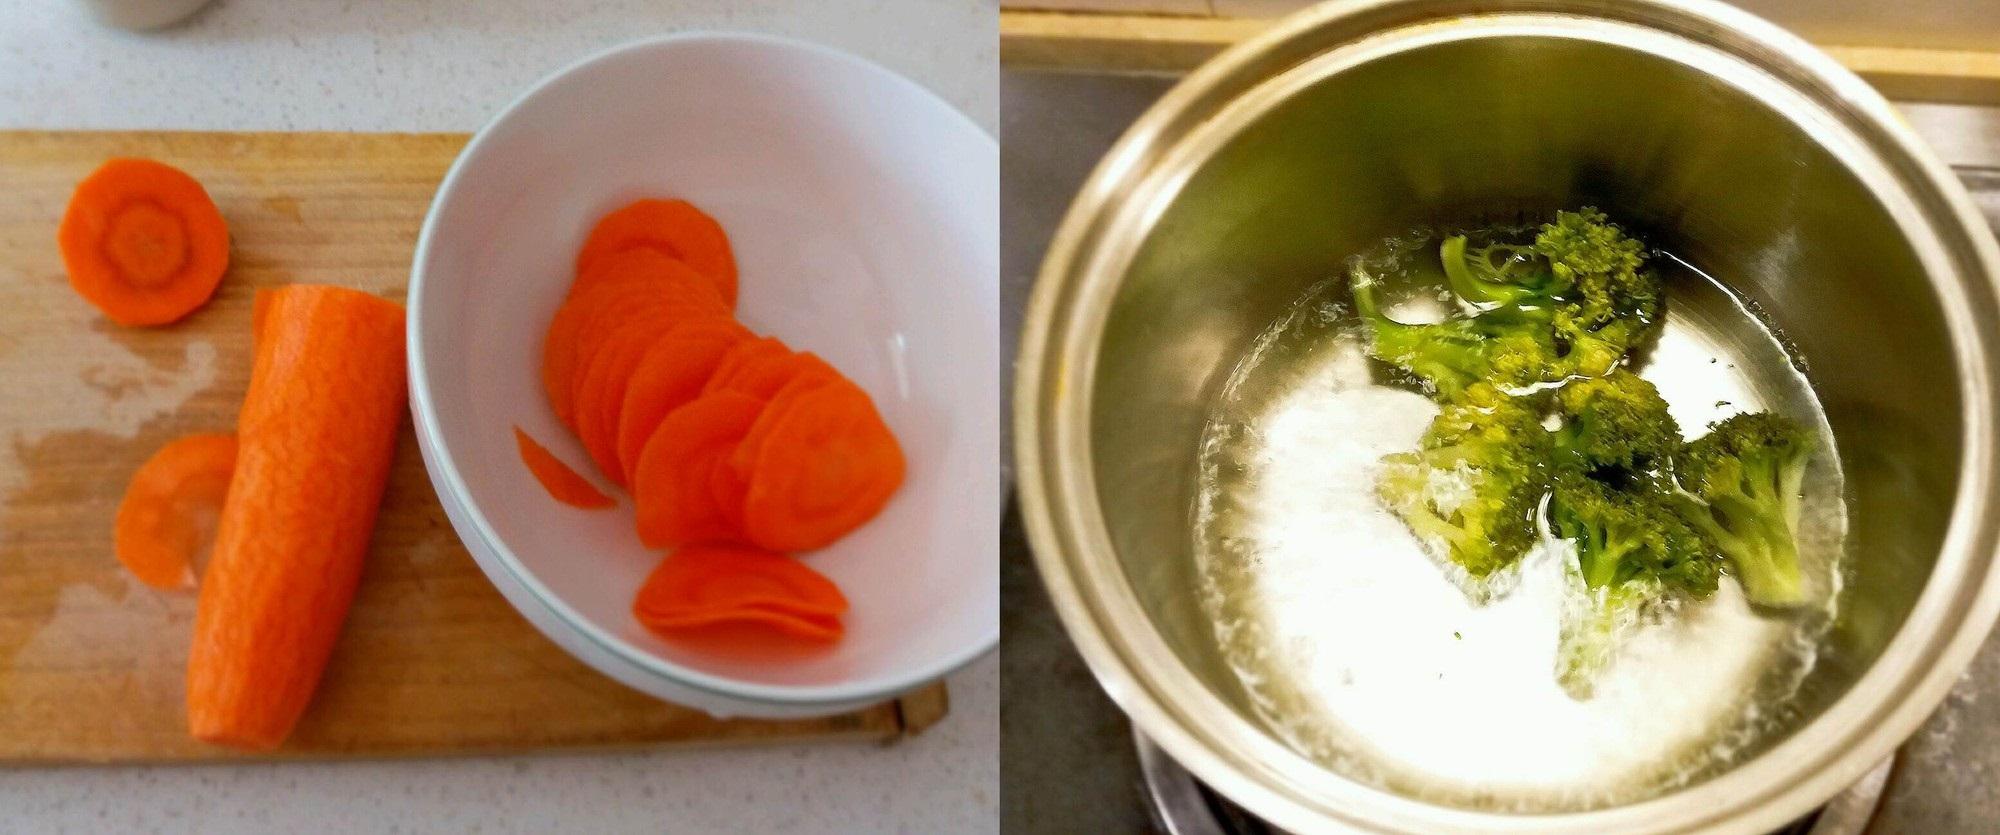 Tự làm cơm hộp ngon đẹp cho bữa trưa - Ảnh 1